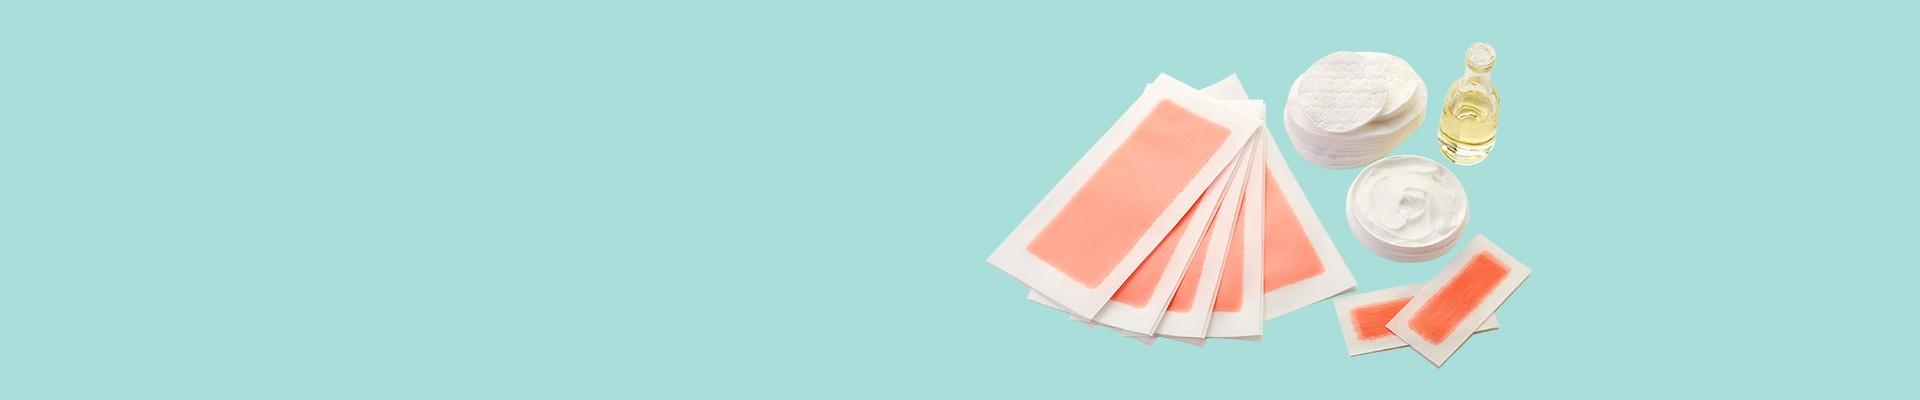 Jual Perontok Bulu - Waxing Product Terbaik Online